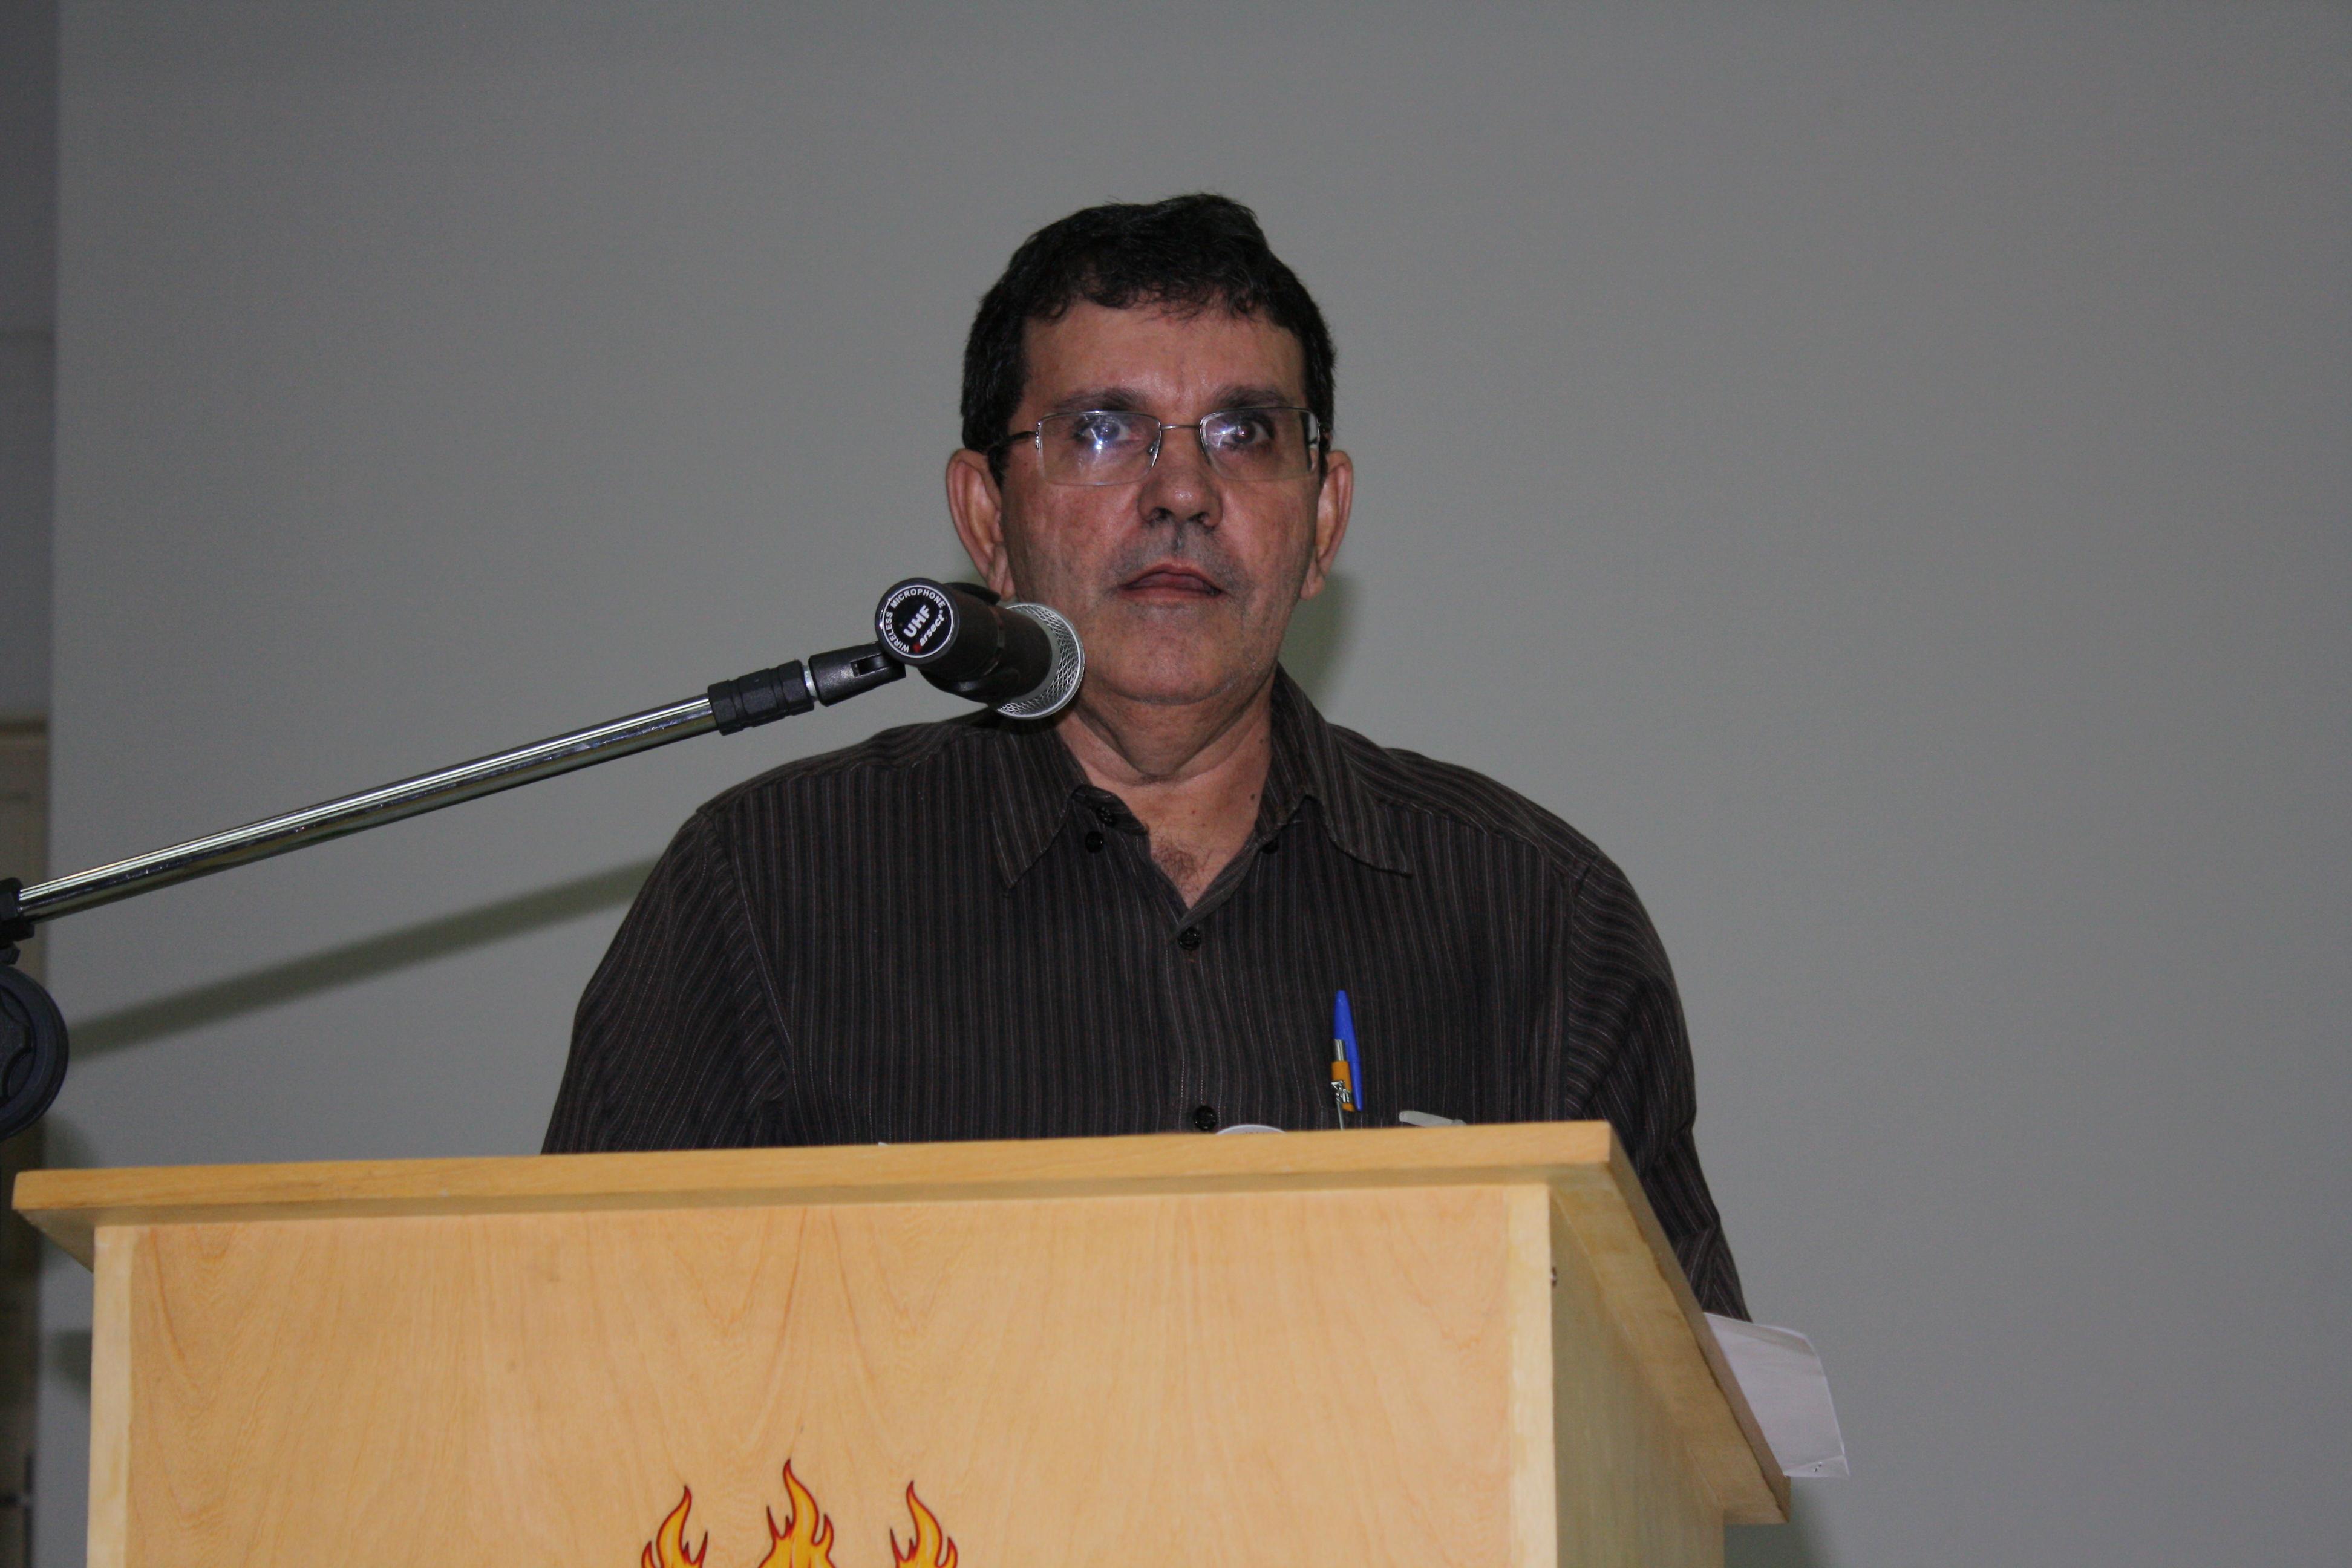 Resultado de imagem para Professor Gerson albuquerque ufpi